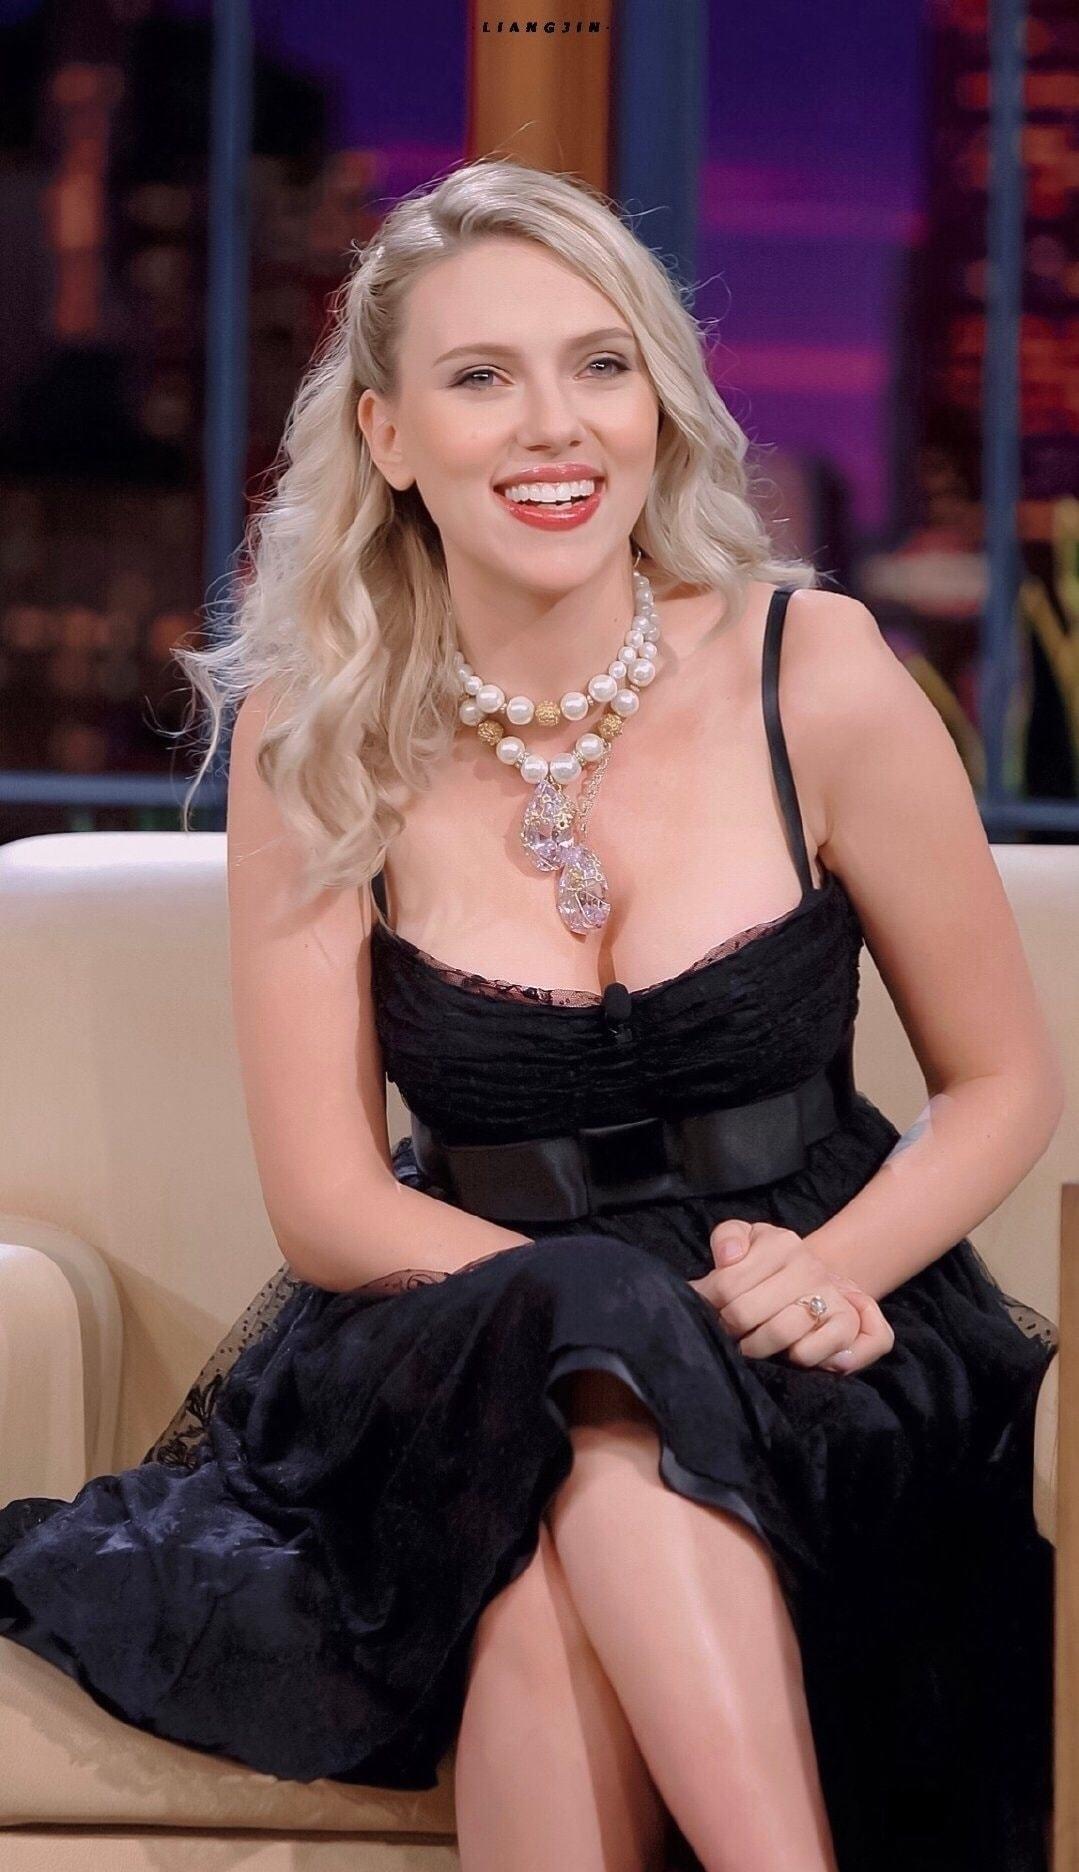 Sức hút từ 'bom sex' Scarlett Johansson, ngôi sao số đo chuẩn hơn hoa hậu